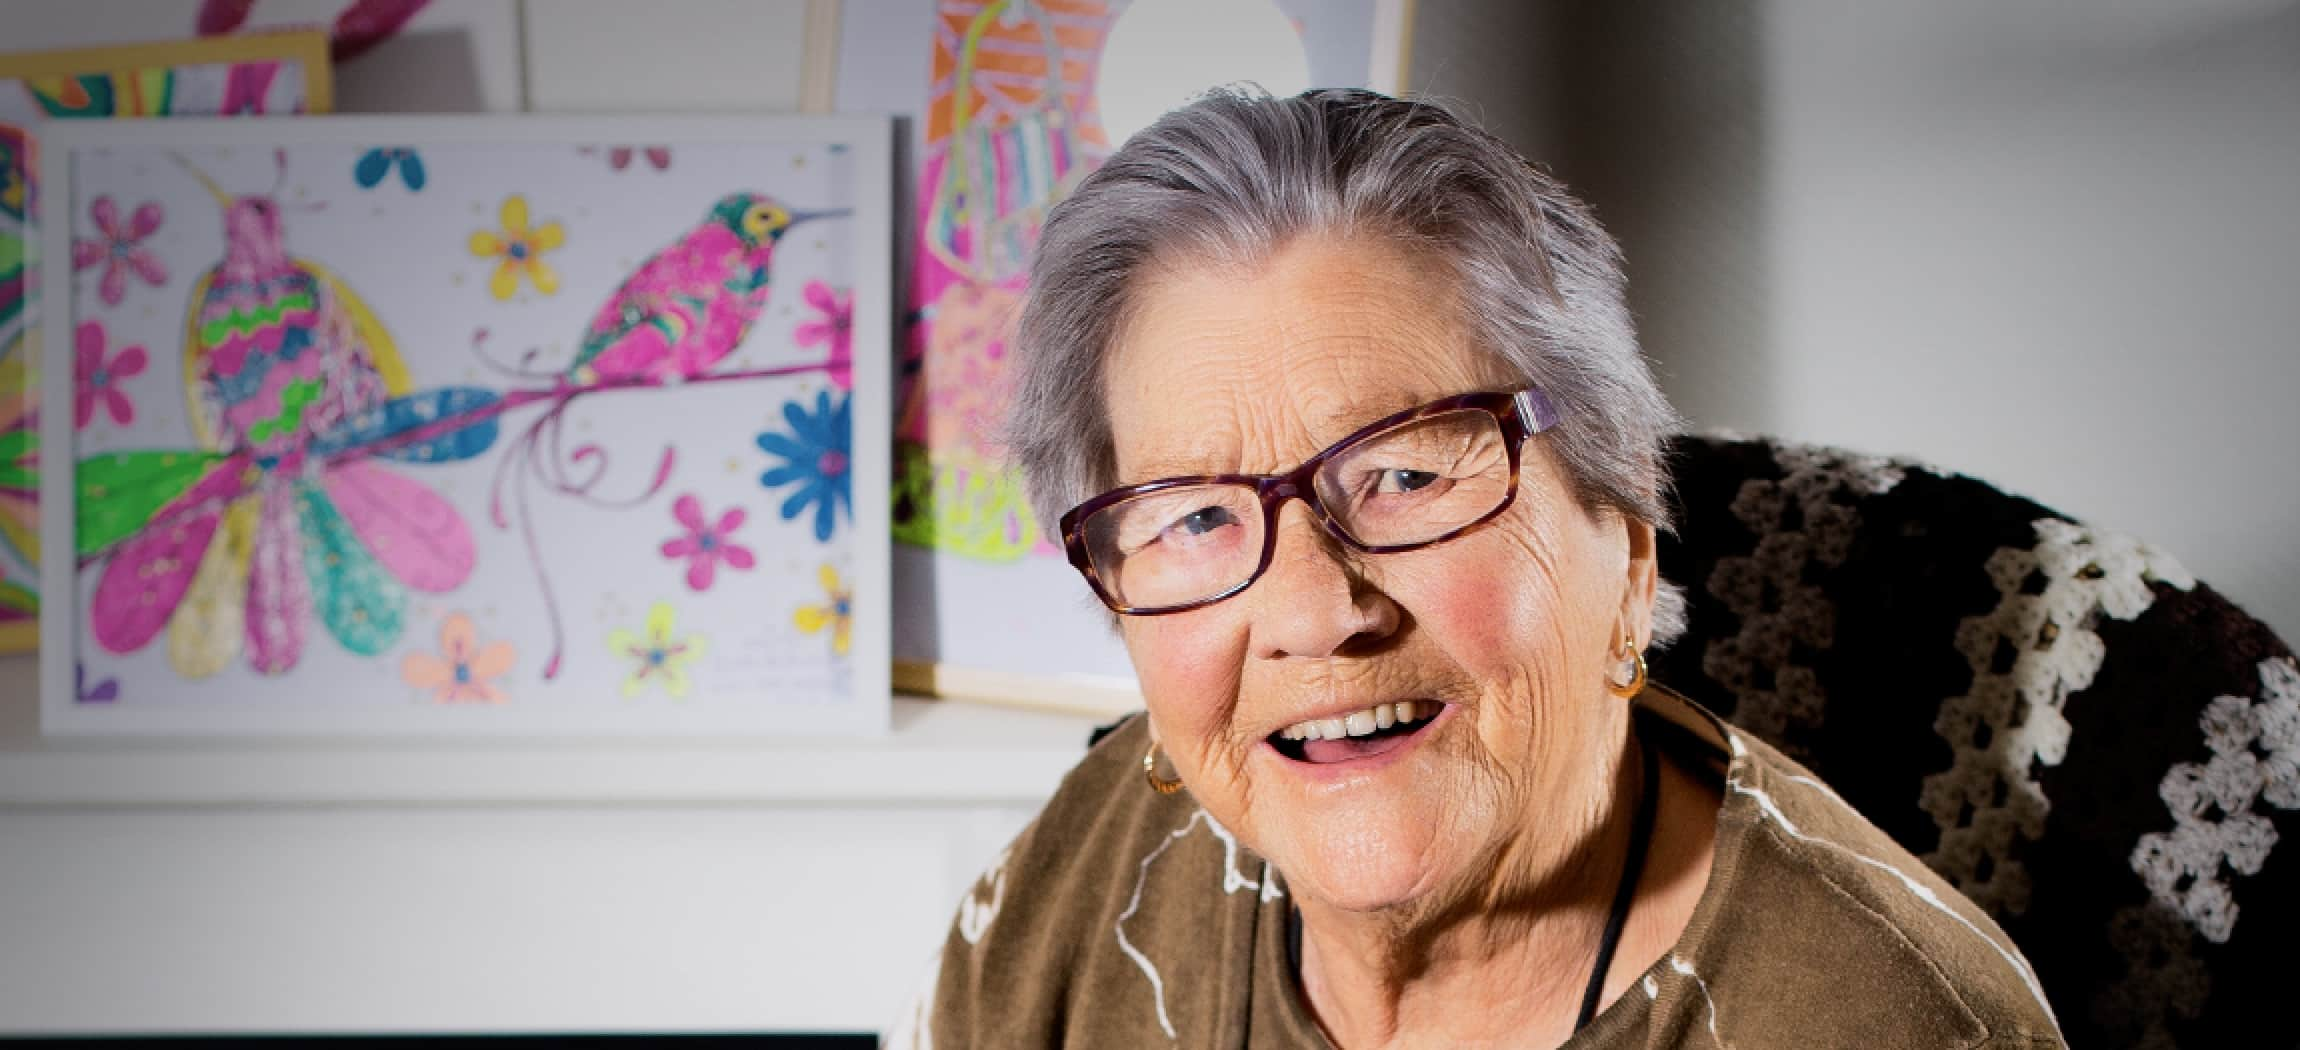 Mevrouw Cohen woont in zorgcentrum De Bogt-Westerbeer - uit de serie Mensen van Amstelring